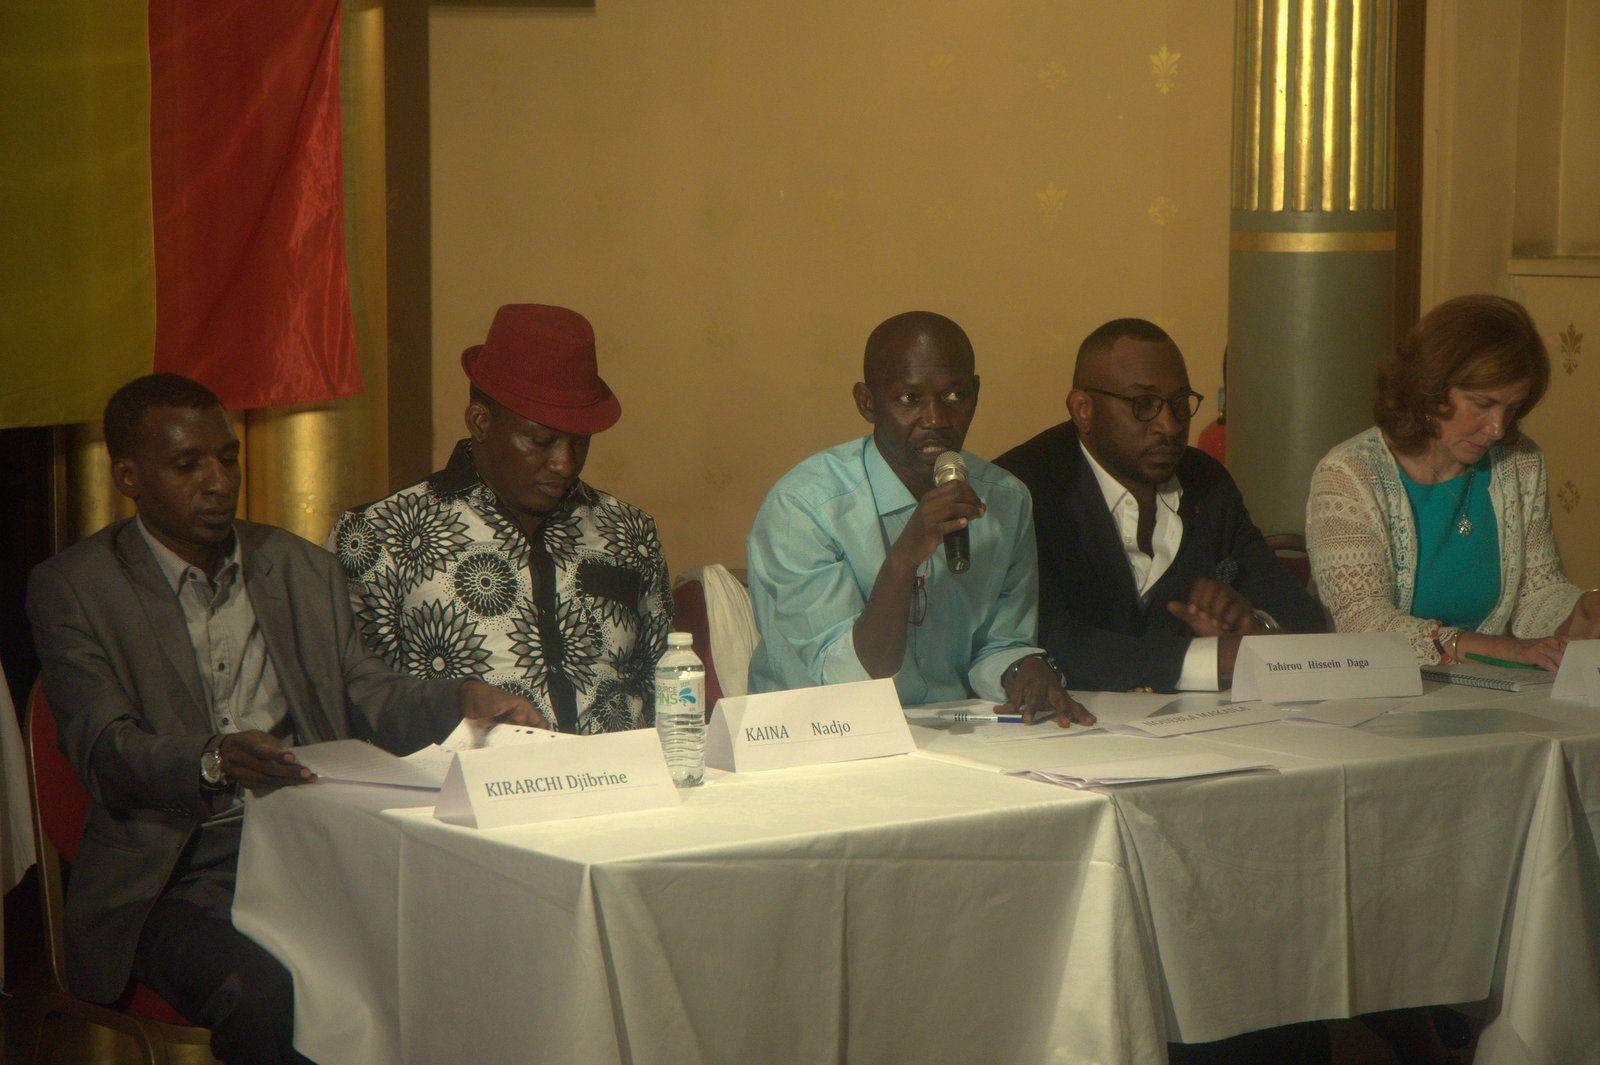 6 septembre 2017, Paris - Tchad : contre-sommet à la conférence des bailleurs